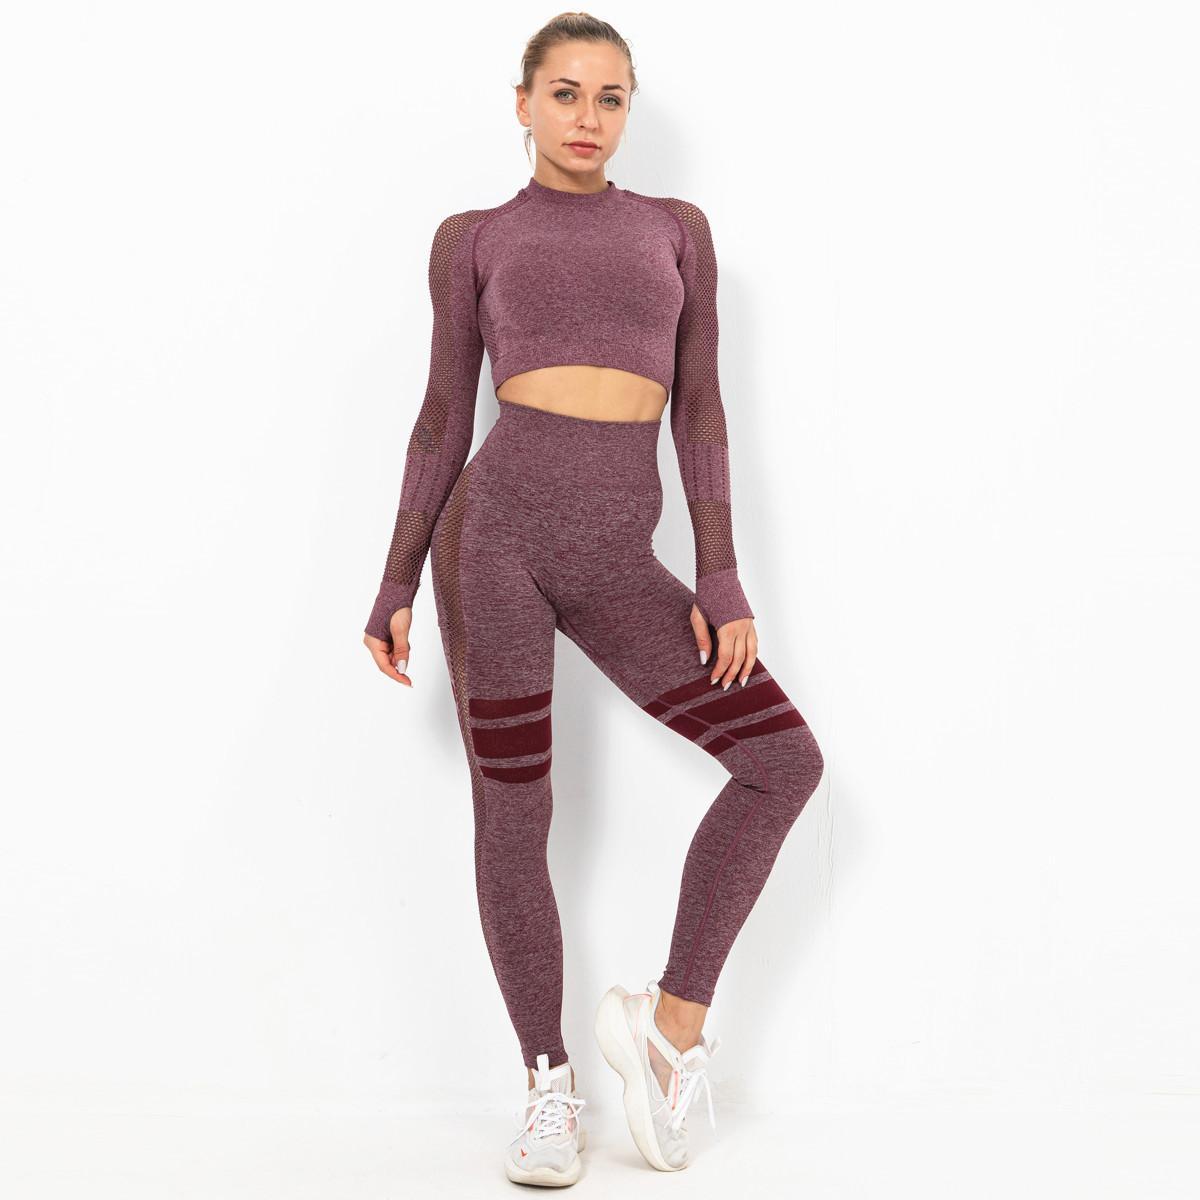 Kesintisiz takım spor giyim köpekbalığı yoga spor yüksek bel pantolon kadın sıkı tayt spor fitness